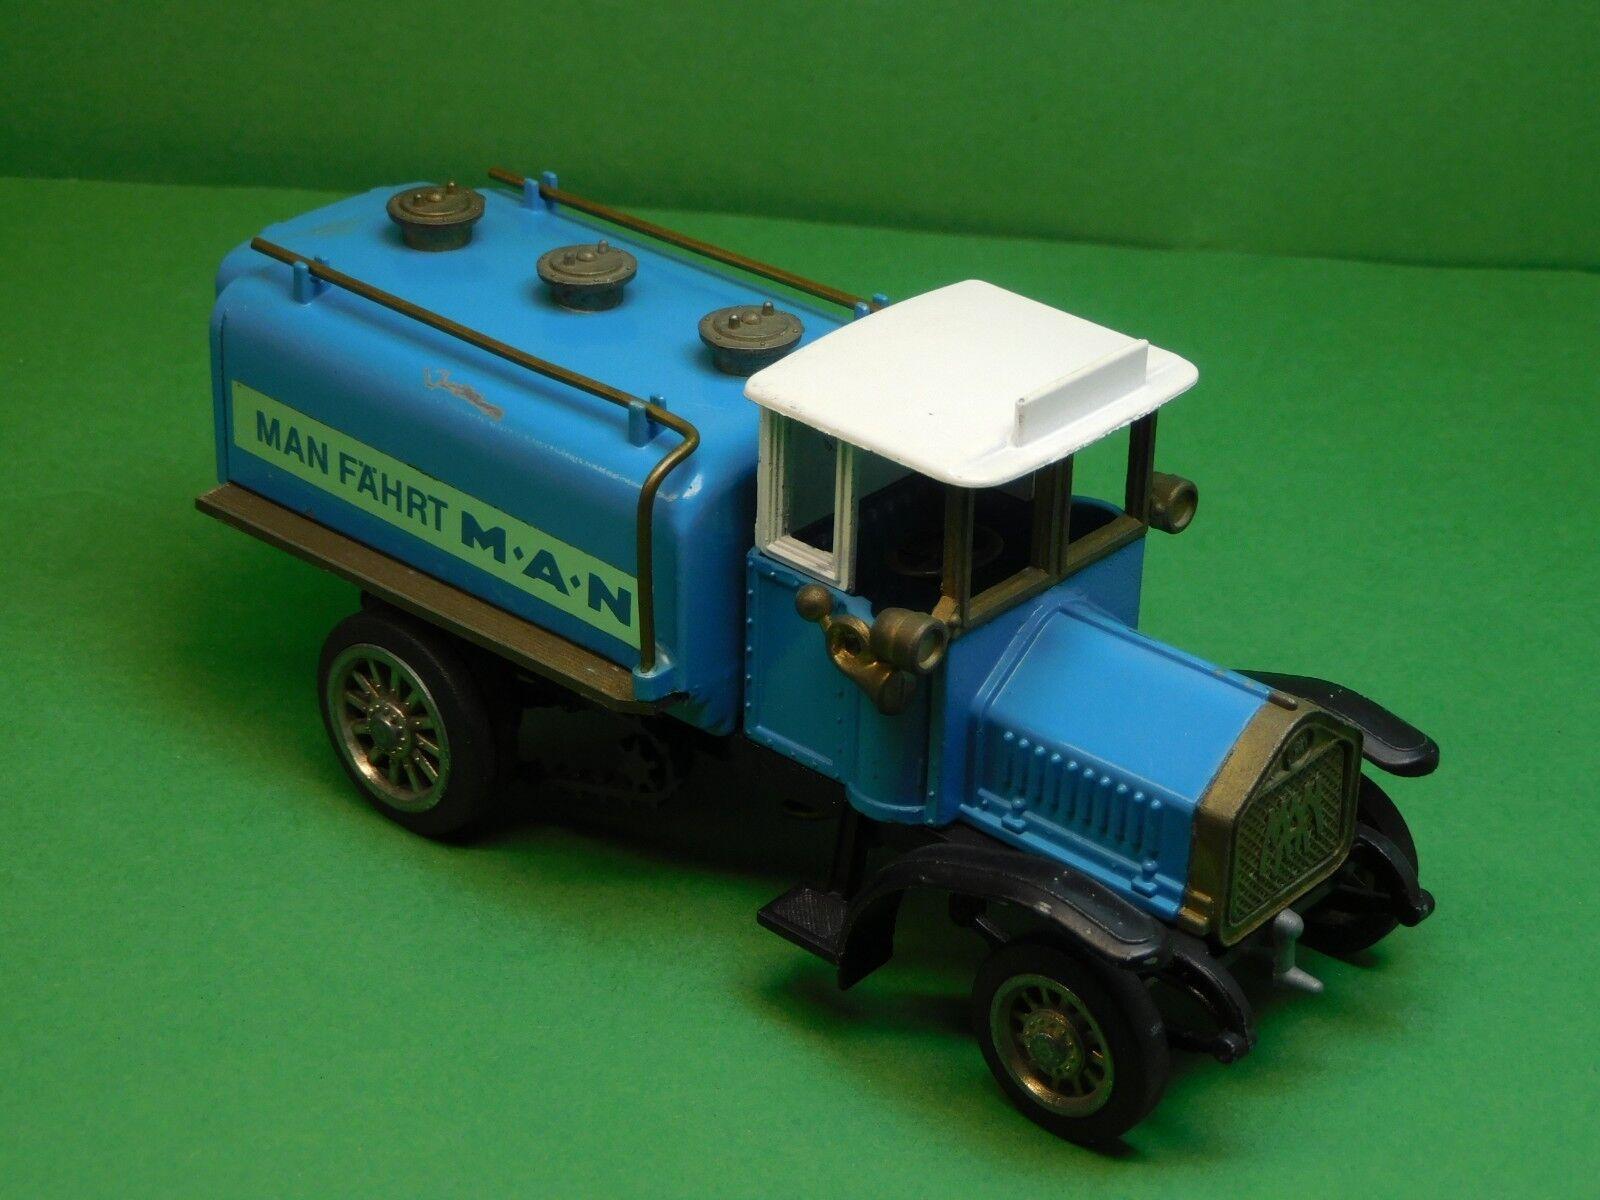 MAN fährt MAN erster Diesel Lastwagen 1923 24 Tankwagen Ziss Modell 1 43 N°305  | Ausgang